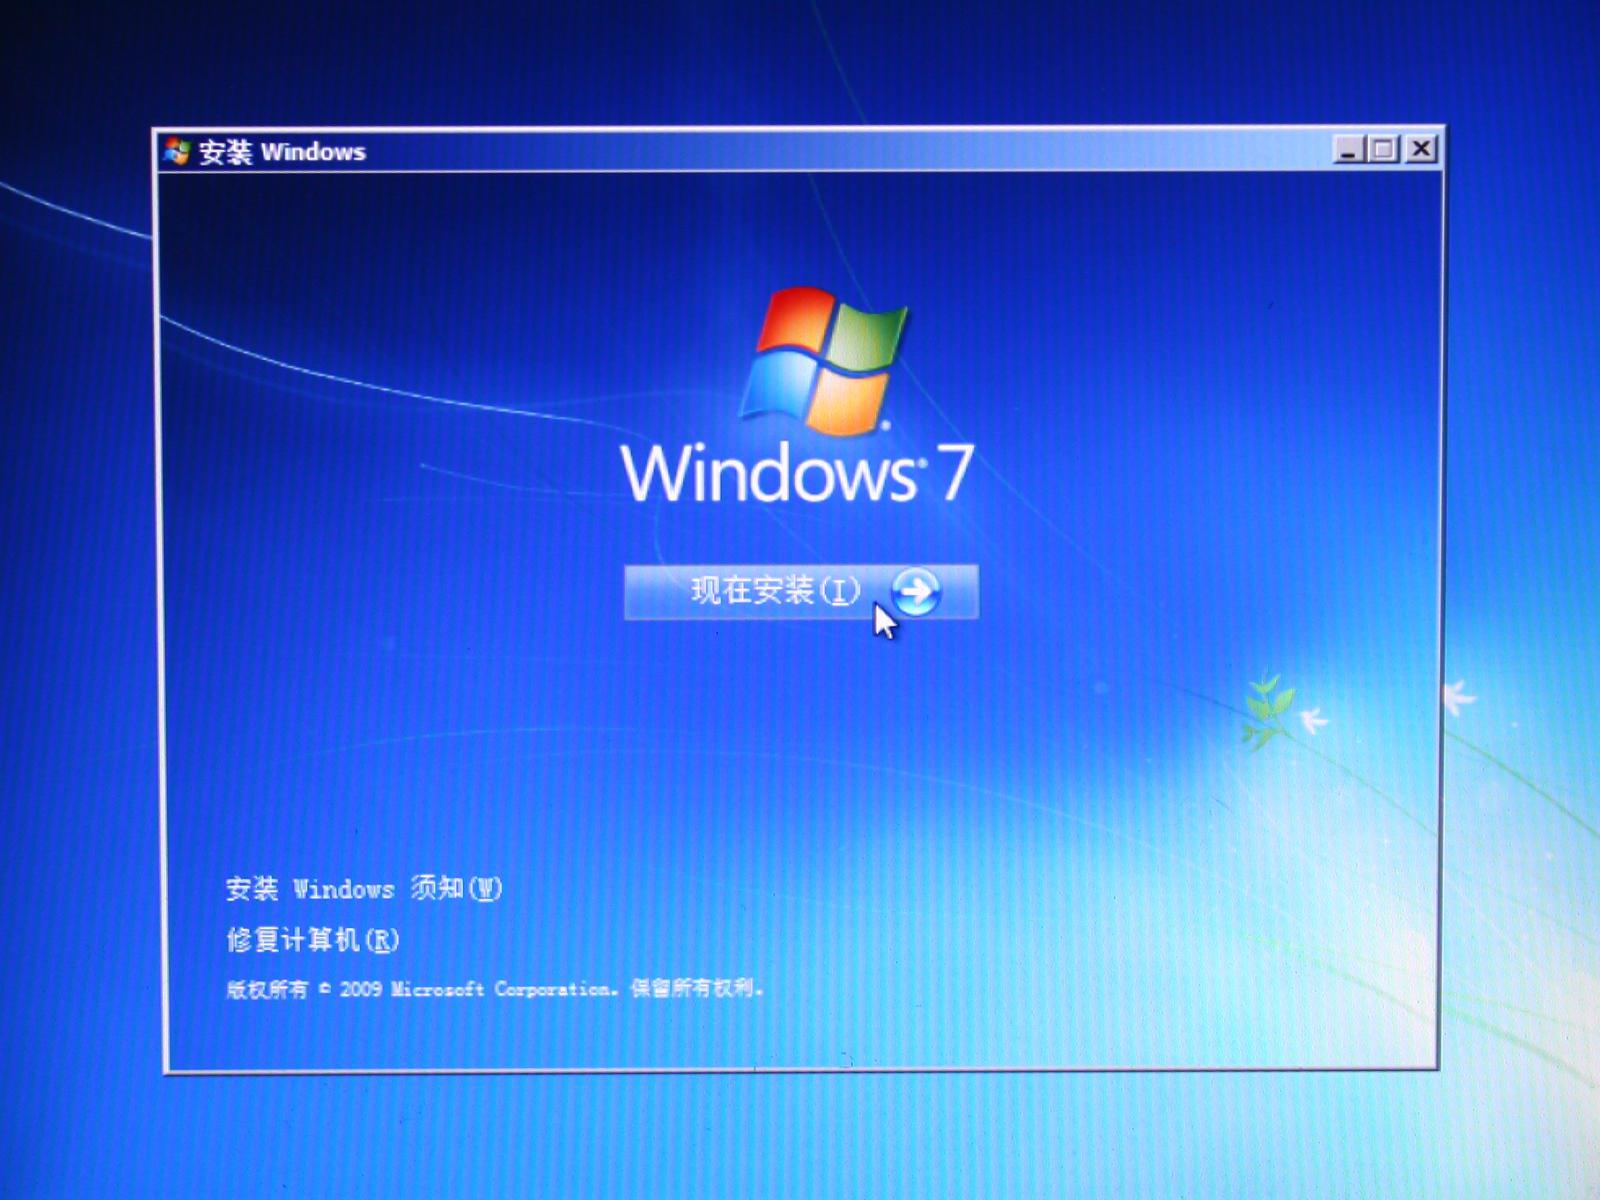 测试平台:    首先,我们会对Windows 7的安装过程做一下简单的介绍。Win 7系统安装完毕之后,我们将会对盈通这款785G主板进行3D基准以及游戏性能测试,值得一提的是,该主板默认显示核心的频率为500MHz,而在进行3D性能测试之前,我们将会在BIOS中将核心频率调至700MHz。最后,最为该主板的一大特色,我们还会对主板的无线网卡进行简单的试用。